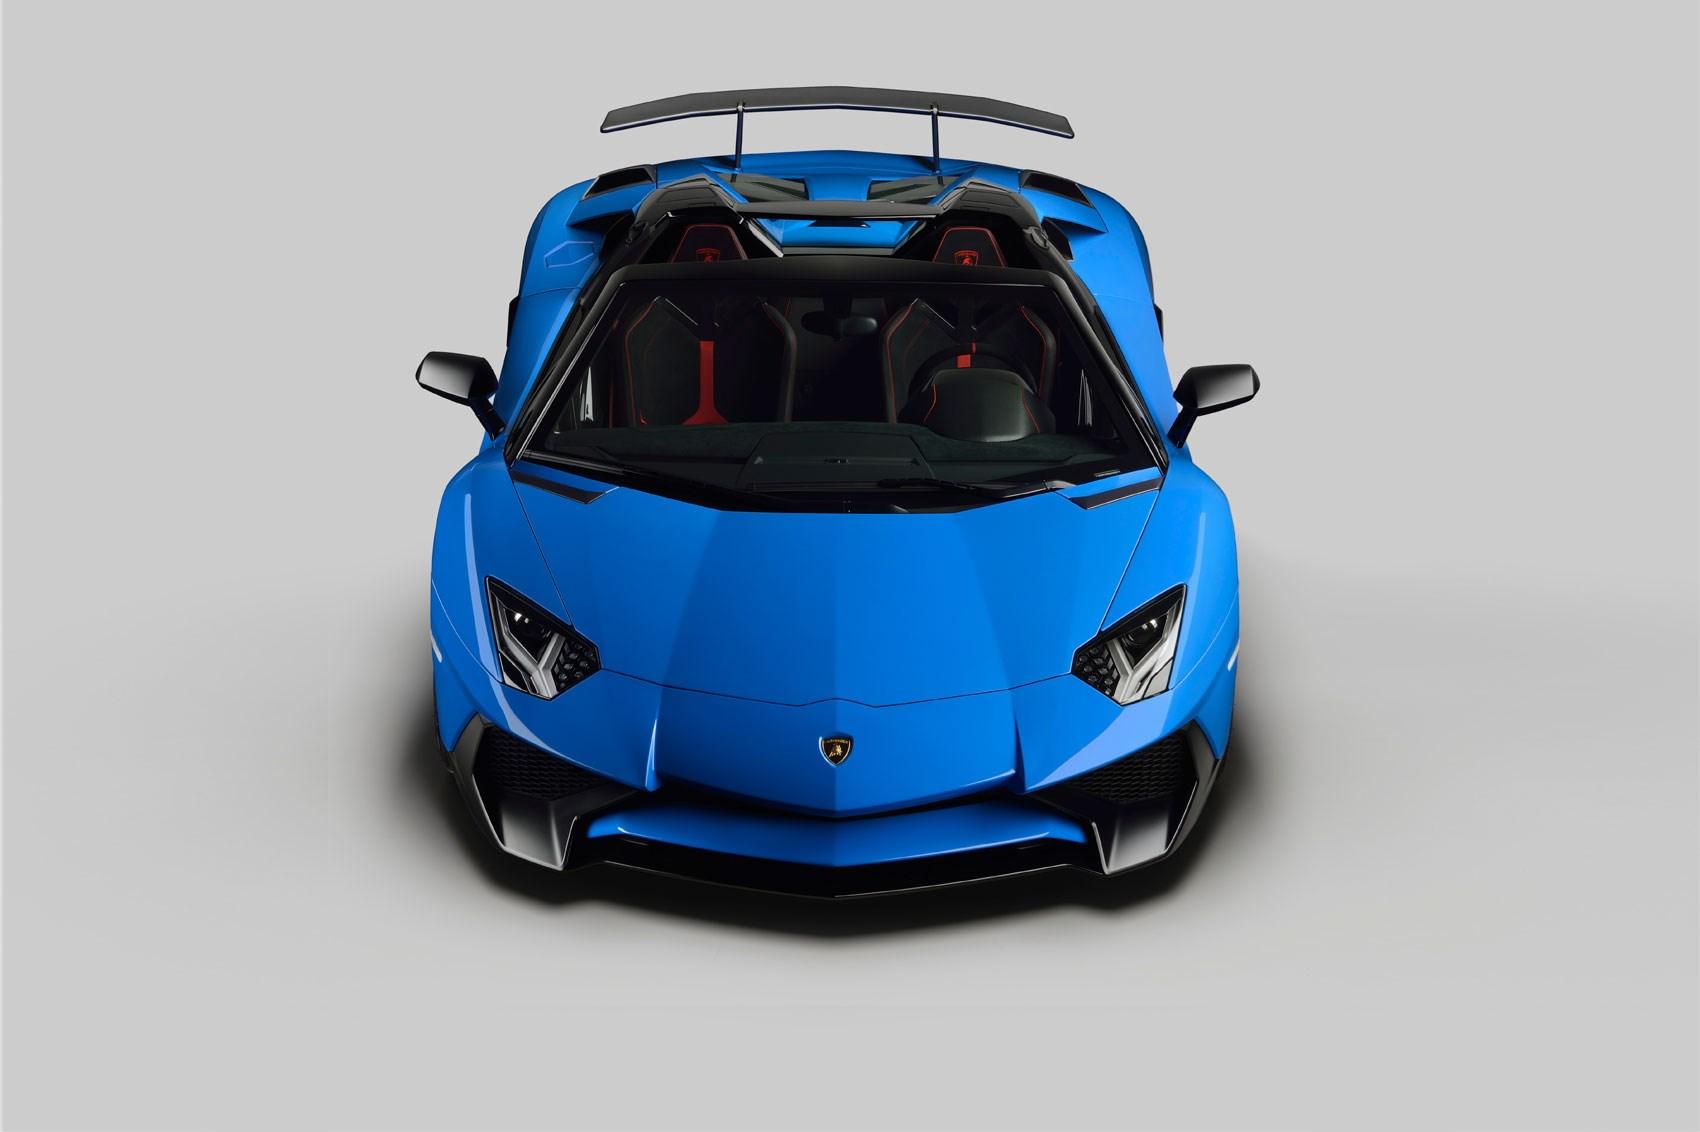 Lamborghini Aventador Super Veloce Roadster 2016 The Sv